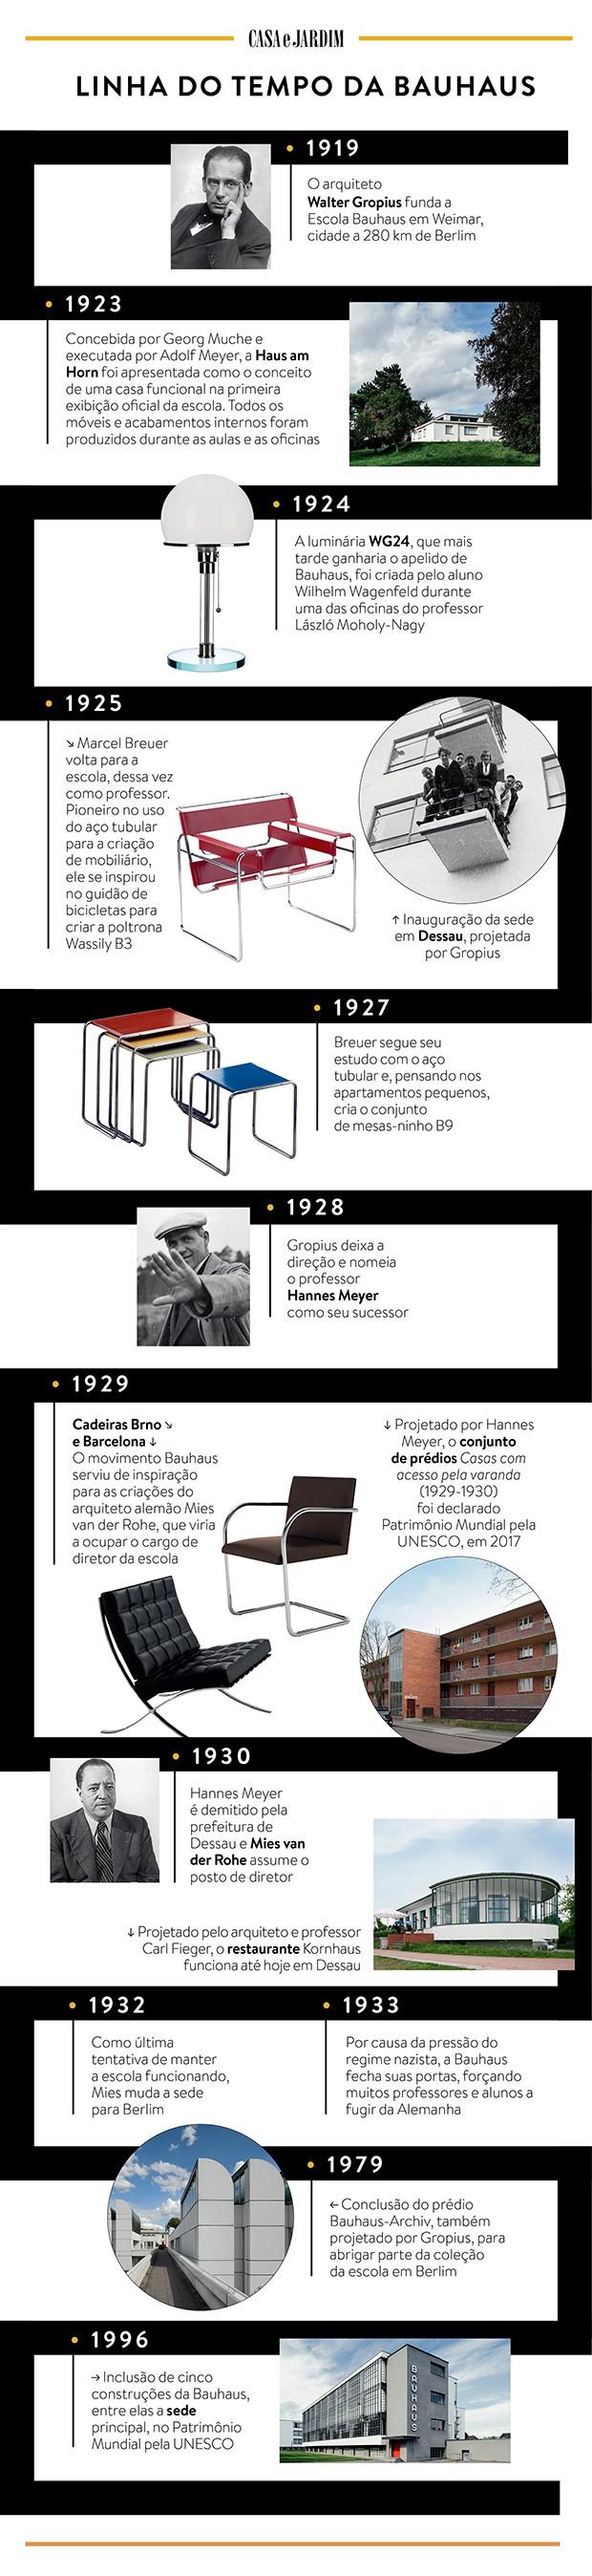 Linha do tempo da Escola Bauhaus (Foto: Casa e Jardim)